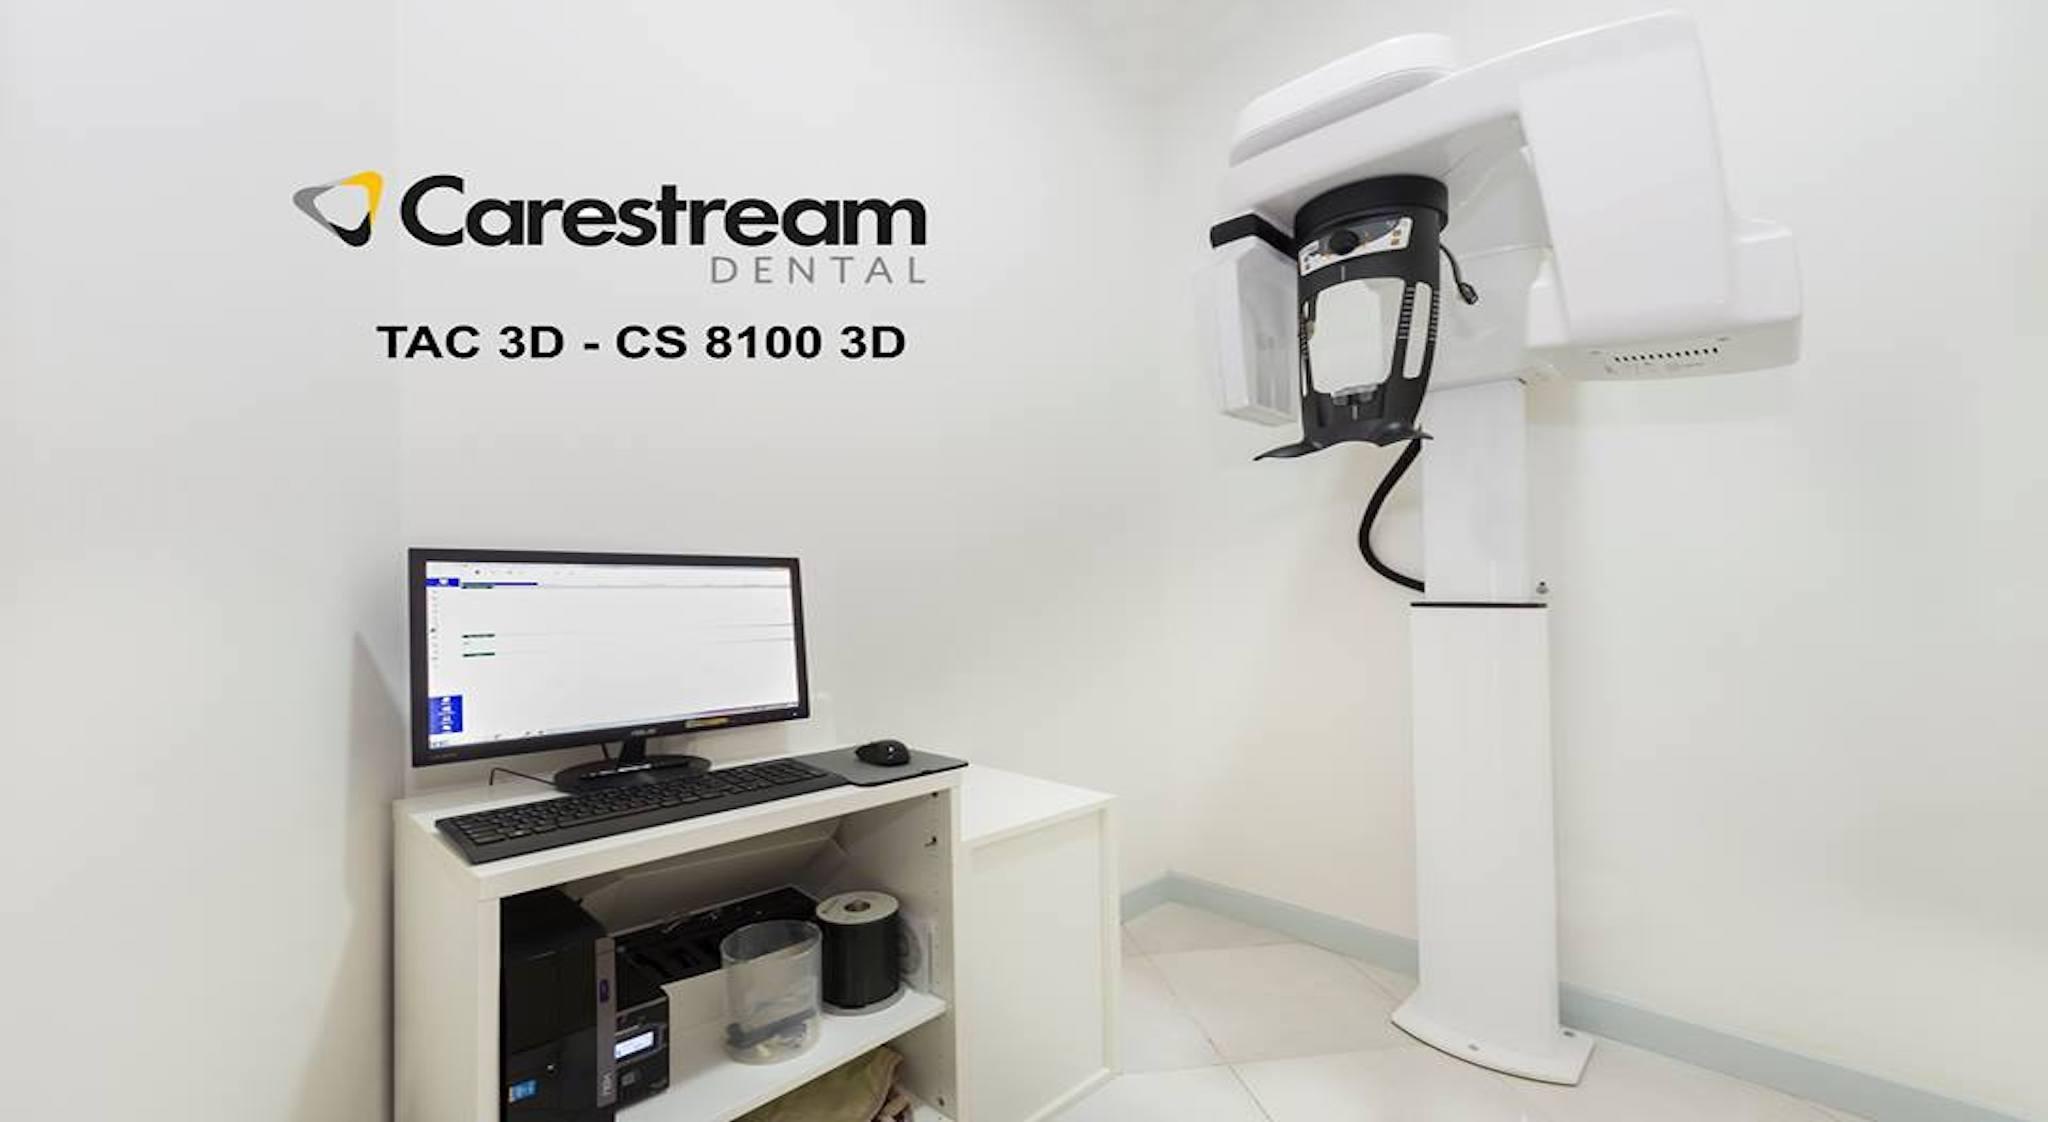 TAC 3D PALMA-DENTISTAS DR RUSLAN